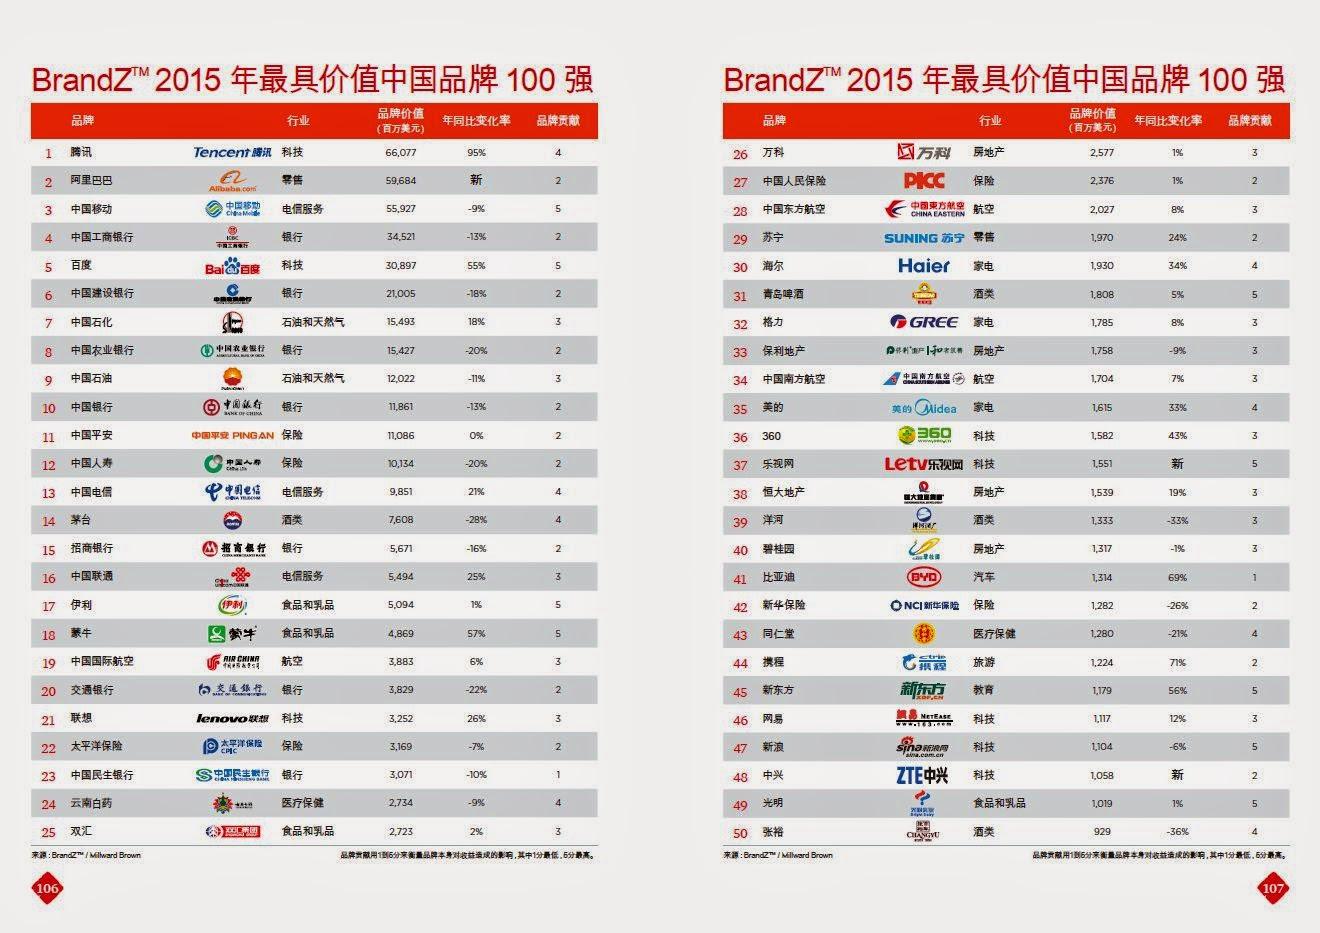 【品牌管理現場】超級比一比!中國品牌 vs. 台灣品牌排行榜,能給台灣品牌經營者什麼啟示? | 經理人